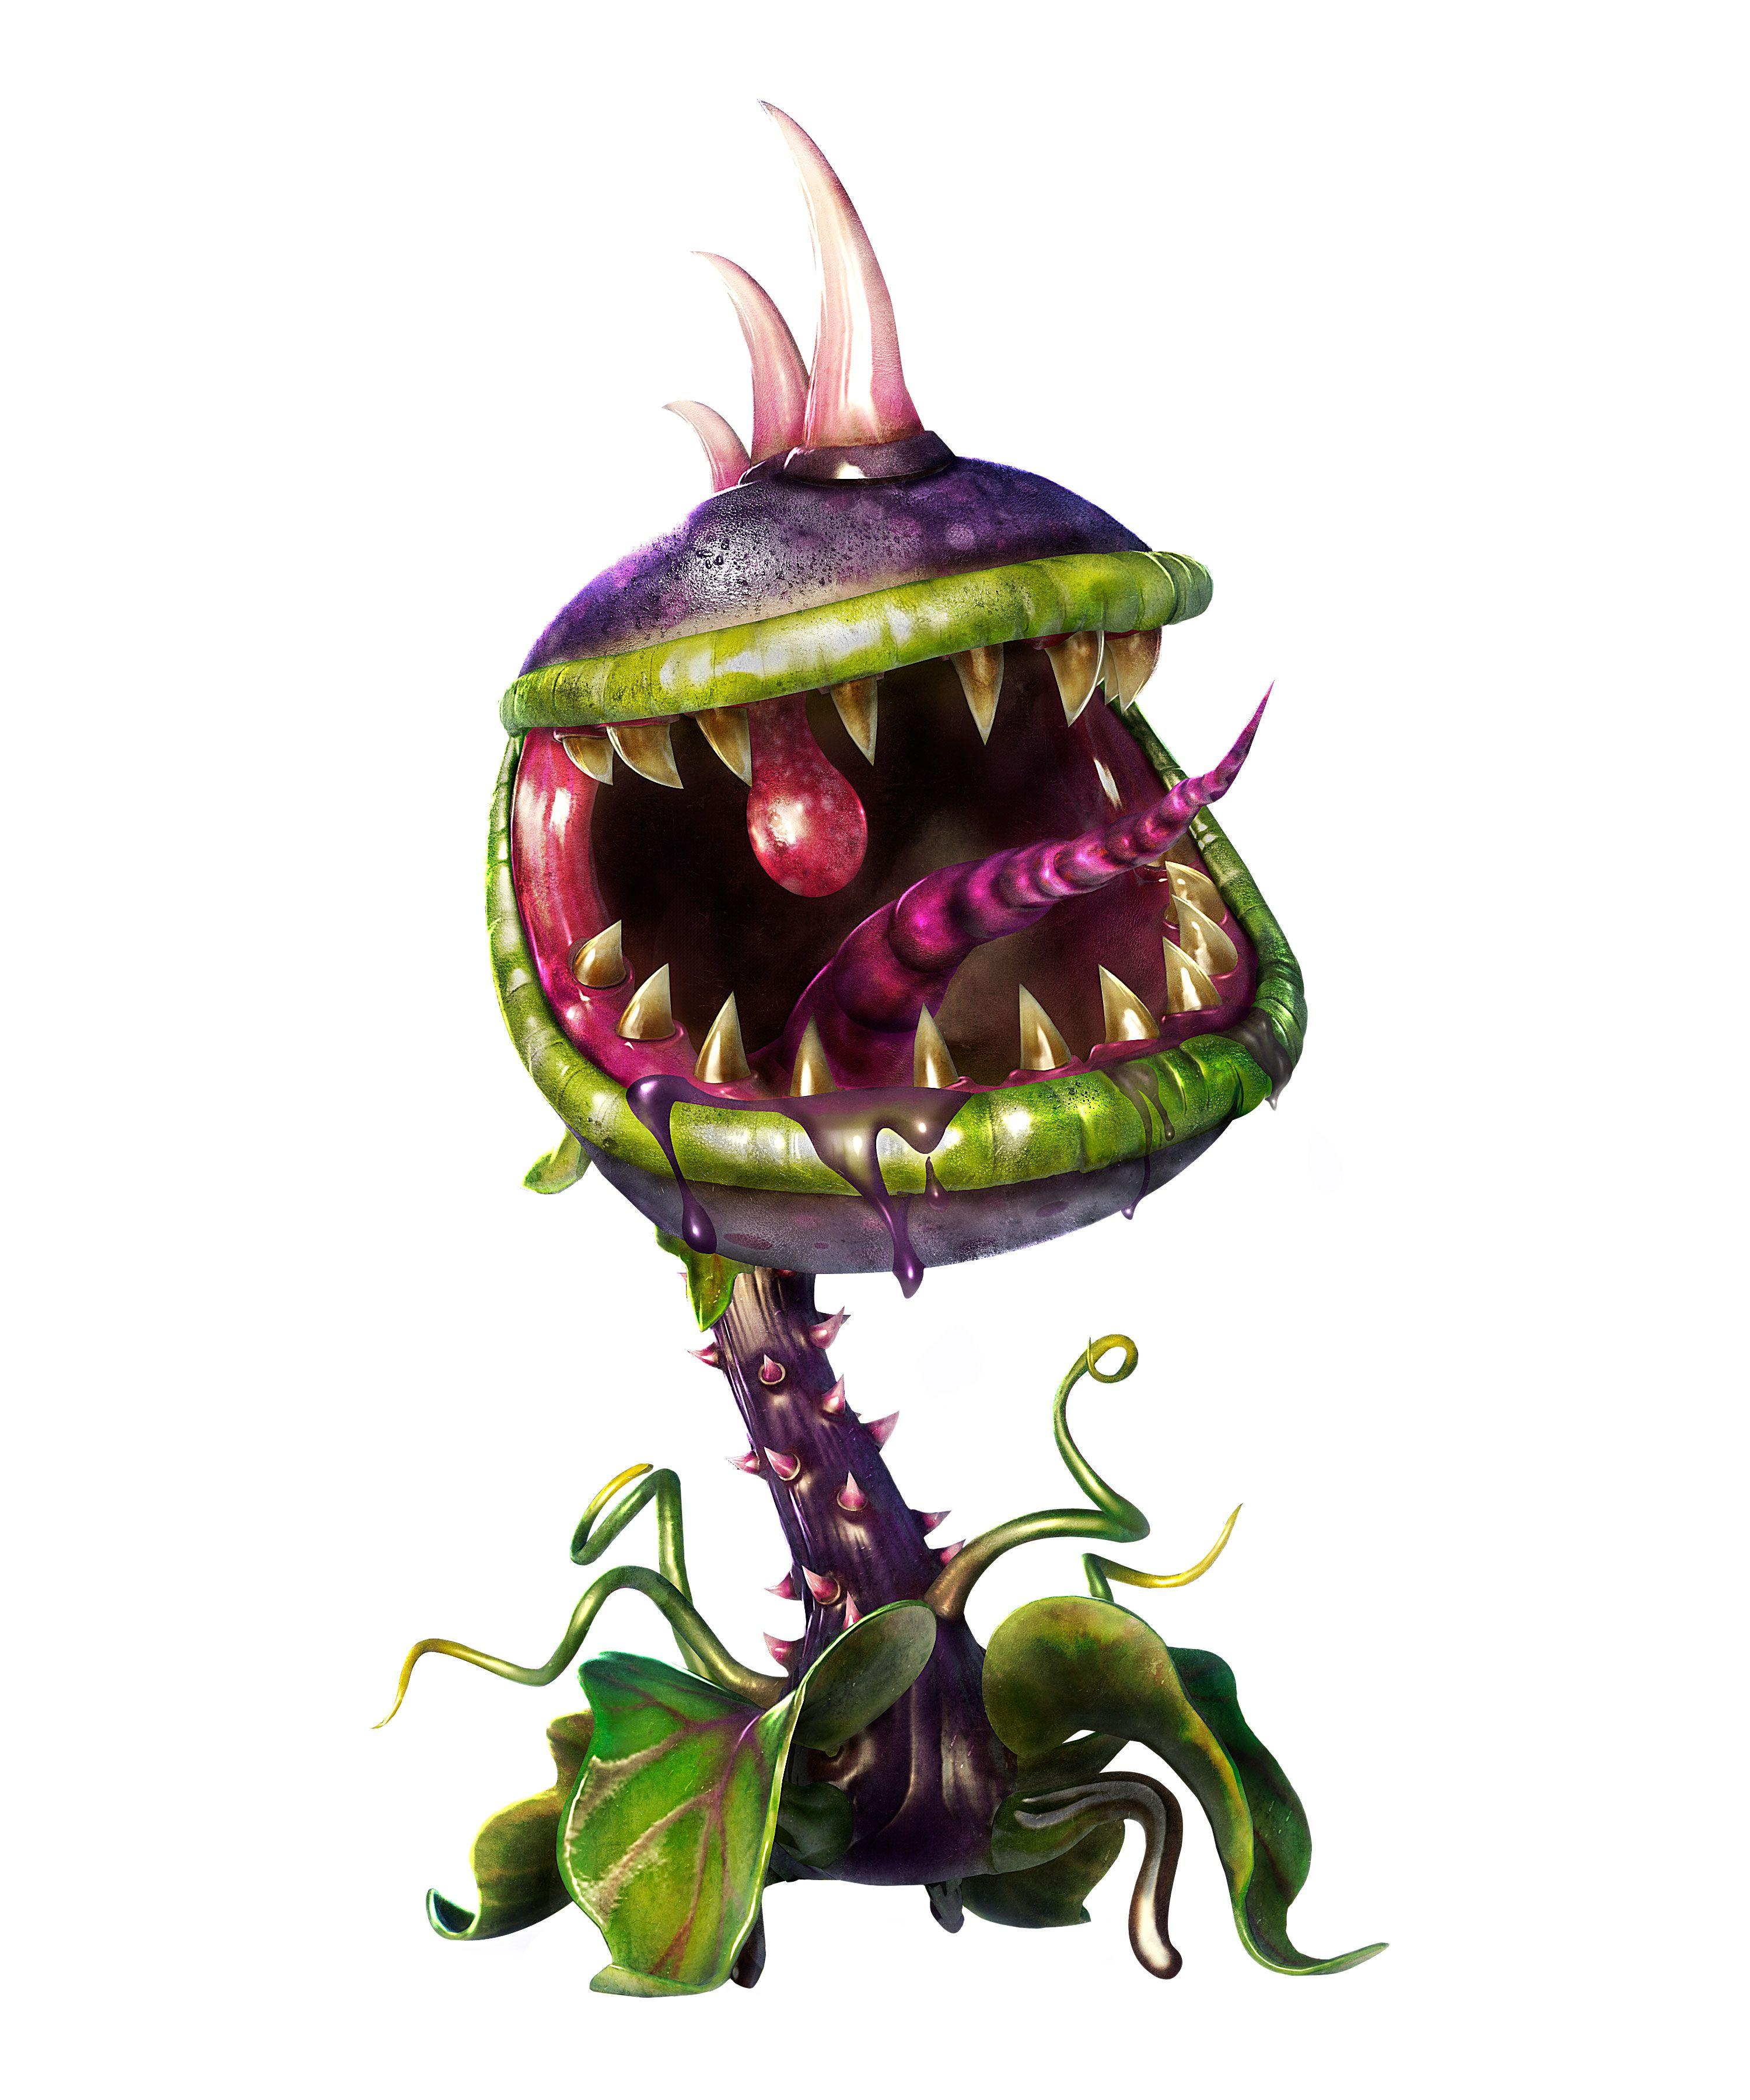 Pvz garden warfare pvz garden warfare chomper video - Plants vs zombies garden warfare for wii u ...